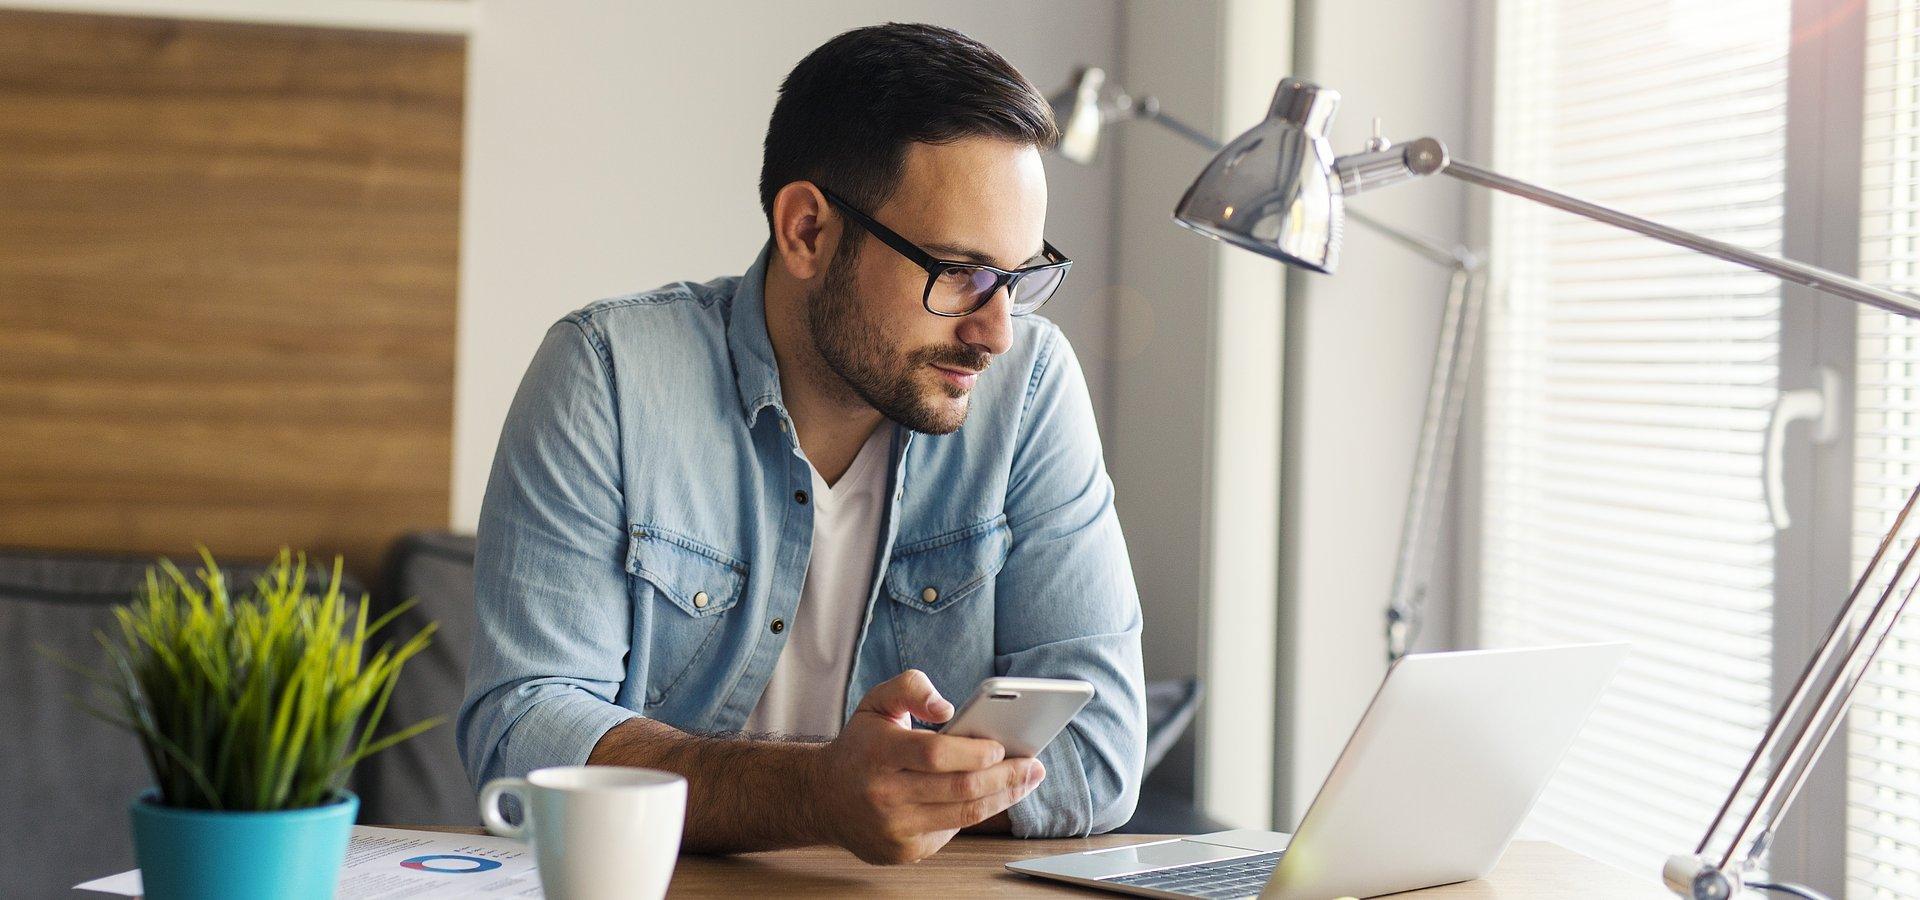 Dziś łatwiej znaleźć pracę niż rok temu. IT rekrutuje pełną parą i szuka nowych biur